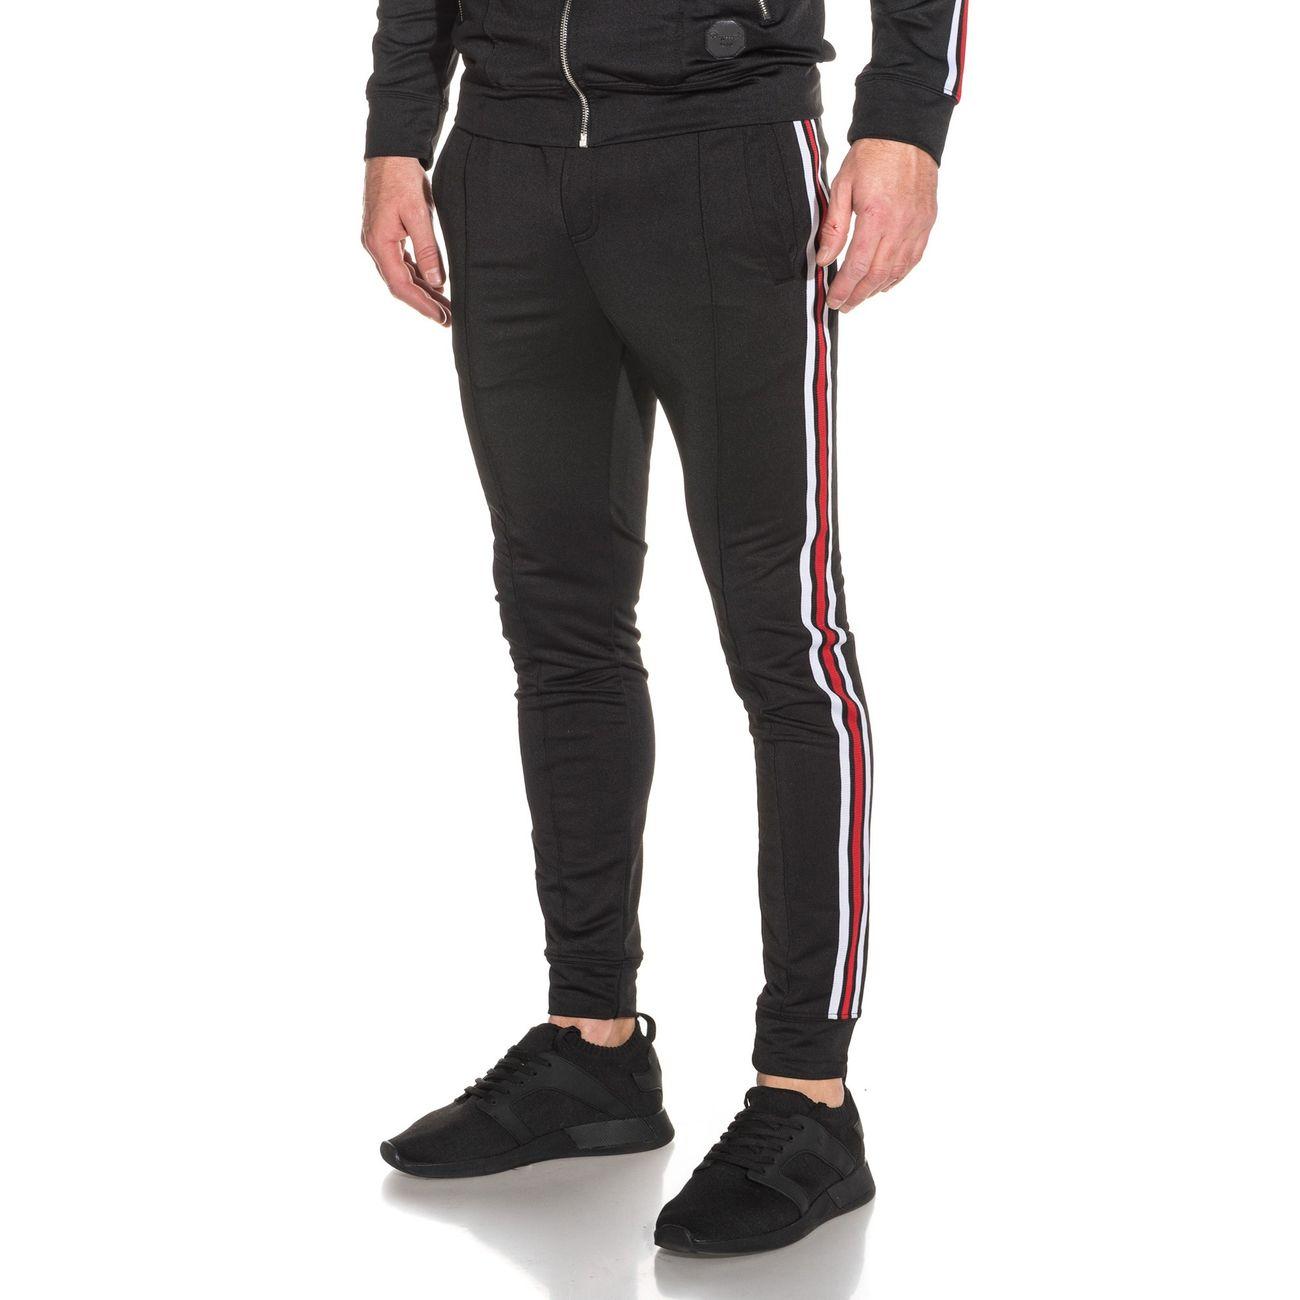 sports shoes 94e4c ae351 bas-de-jogging-noir-bandes-laterales-homme 1 v1.jpeg